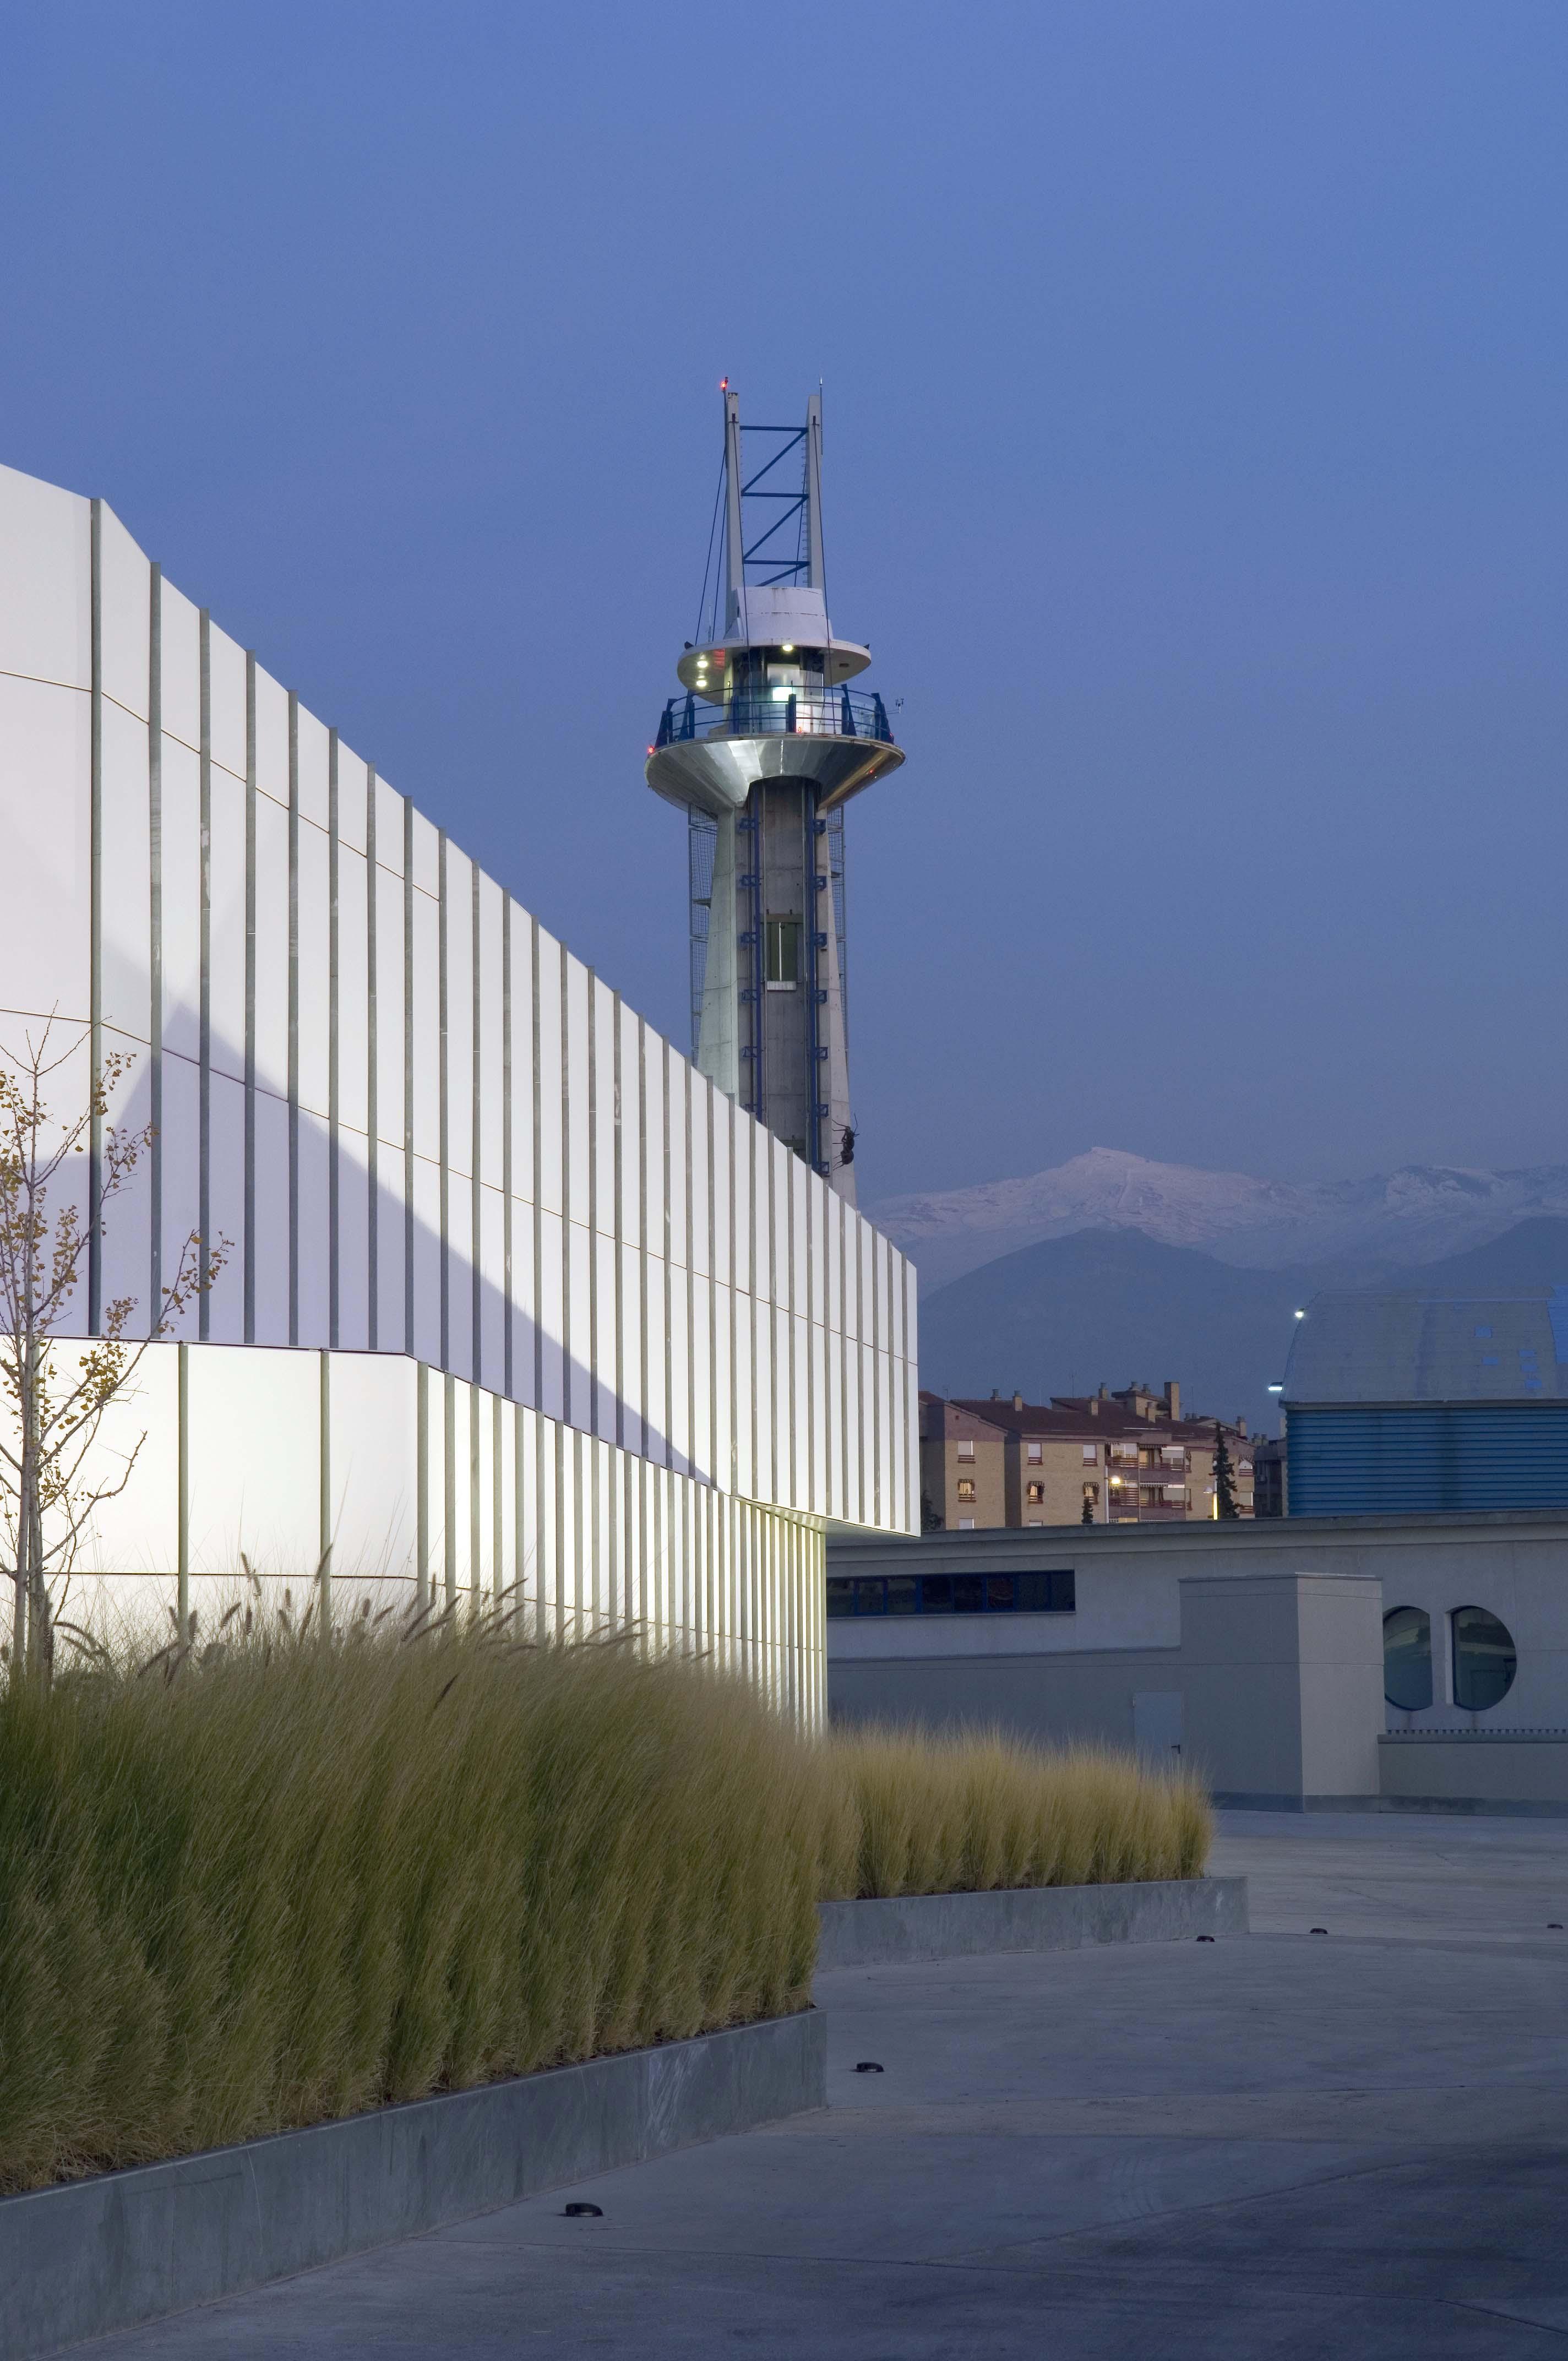 25 años del Parque de las Ciencias. El ornitorrinco exitoso